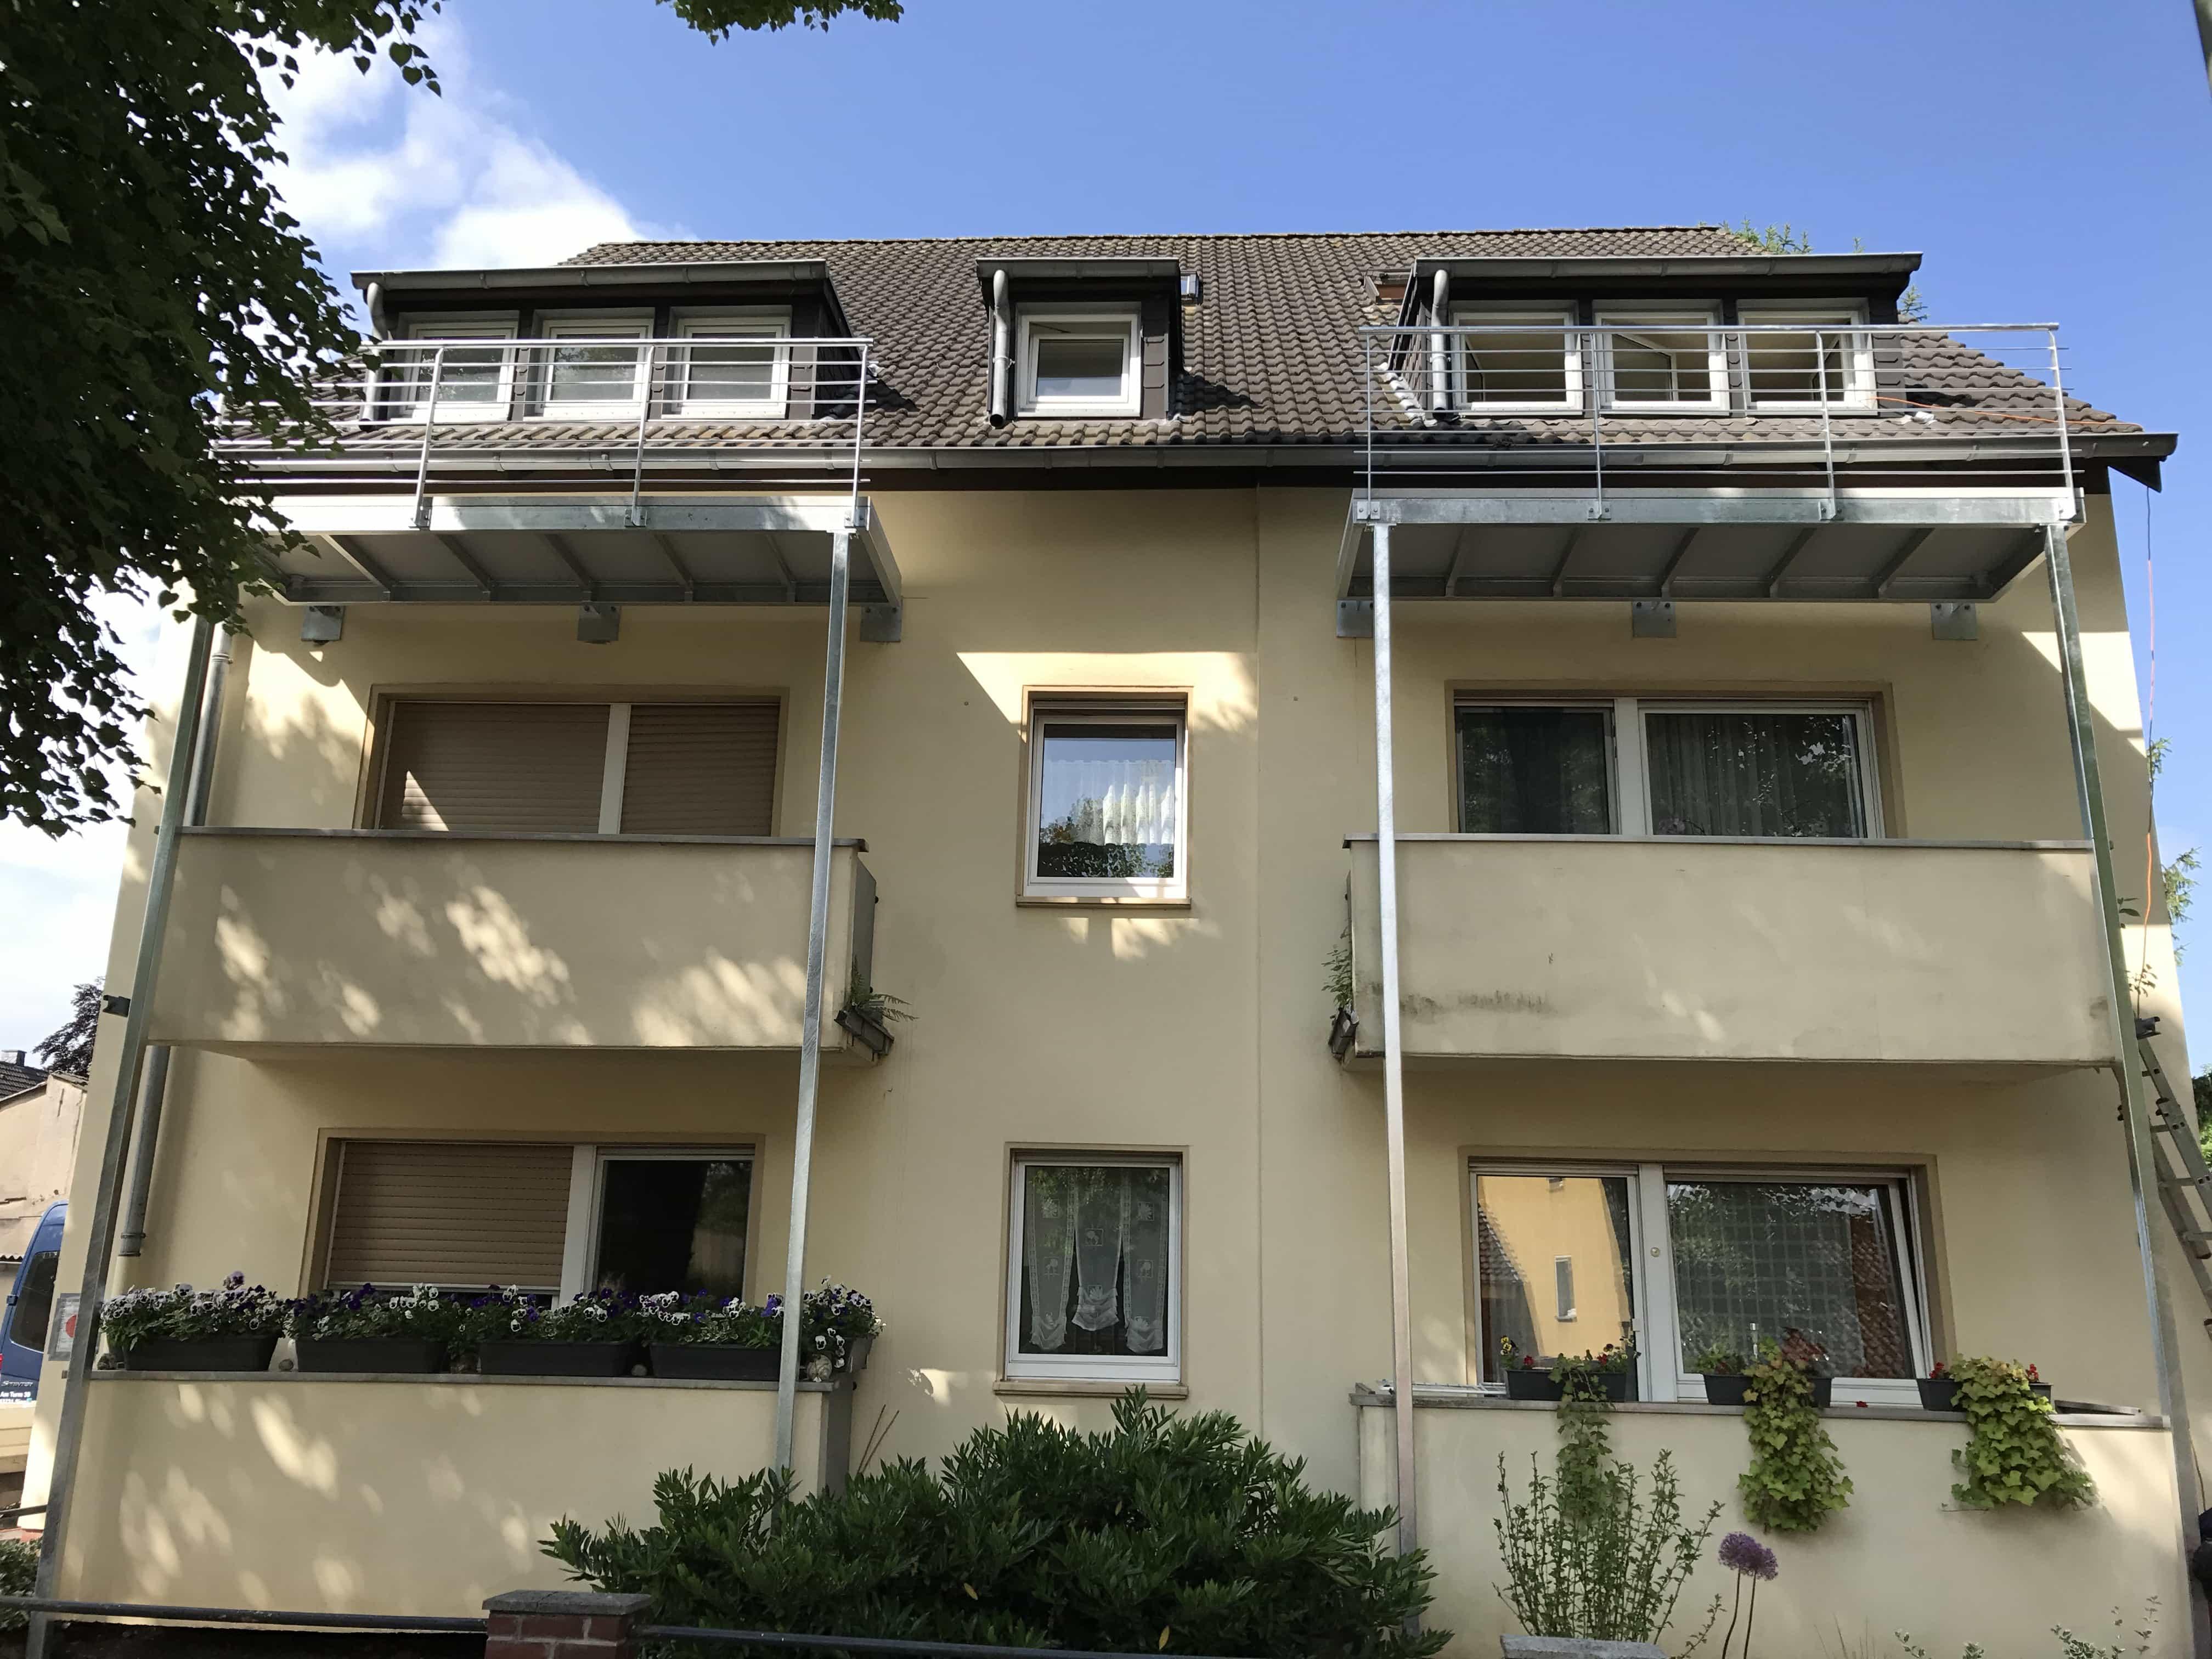 Erweiterung der Balkone in einem bestehenden Gebäude